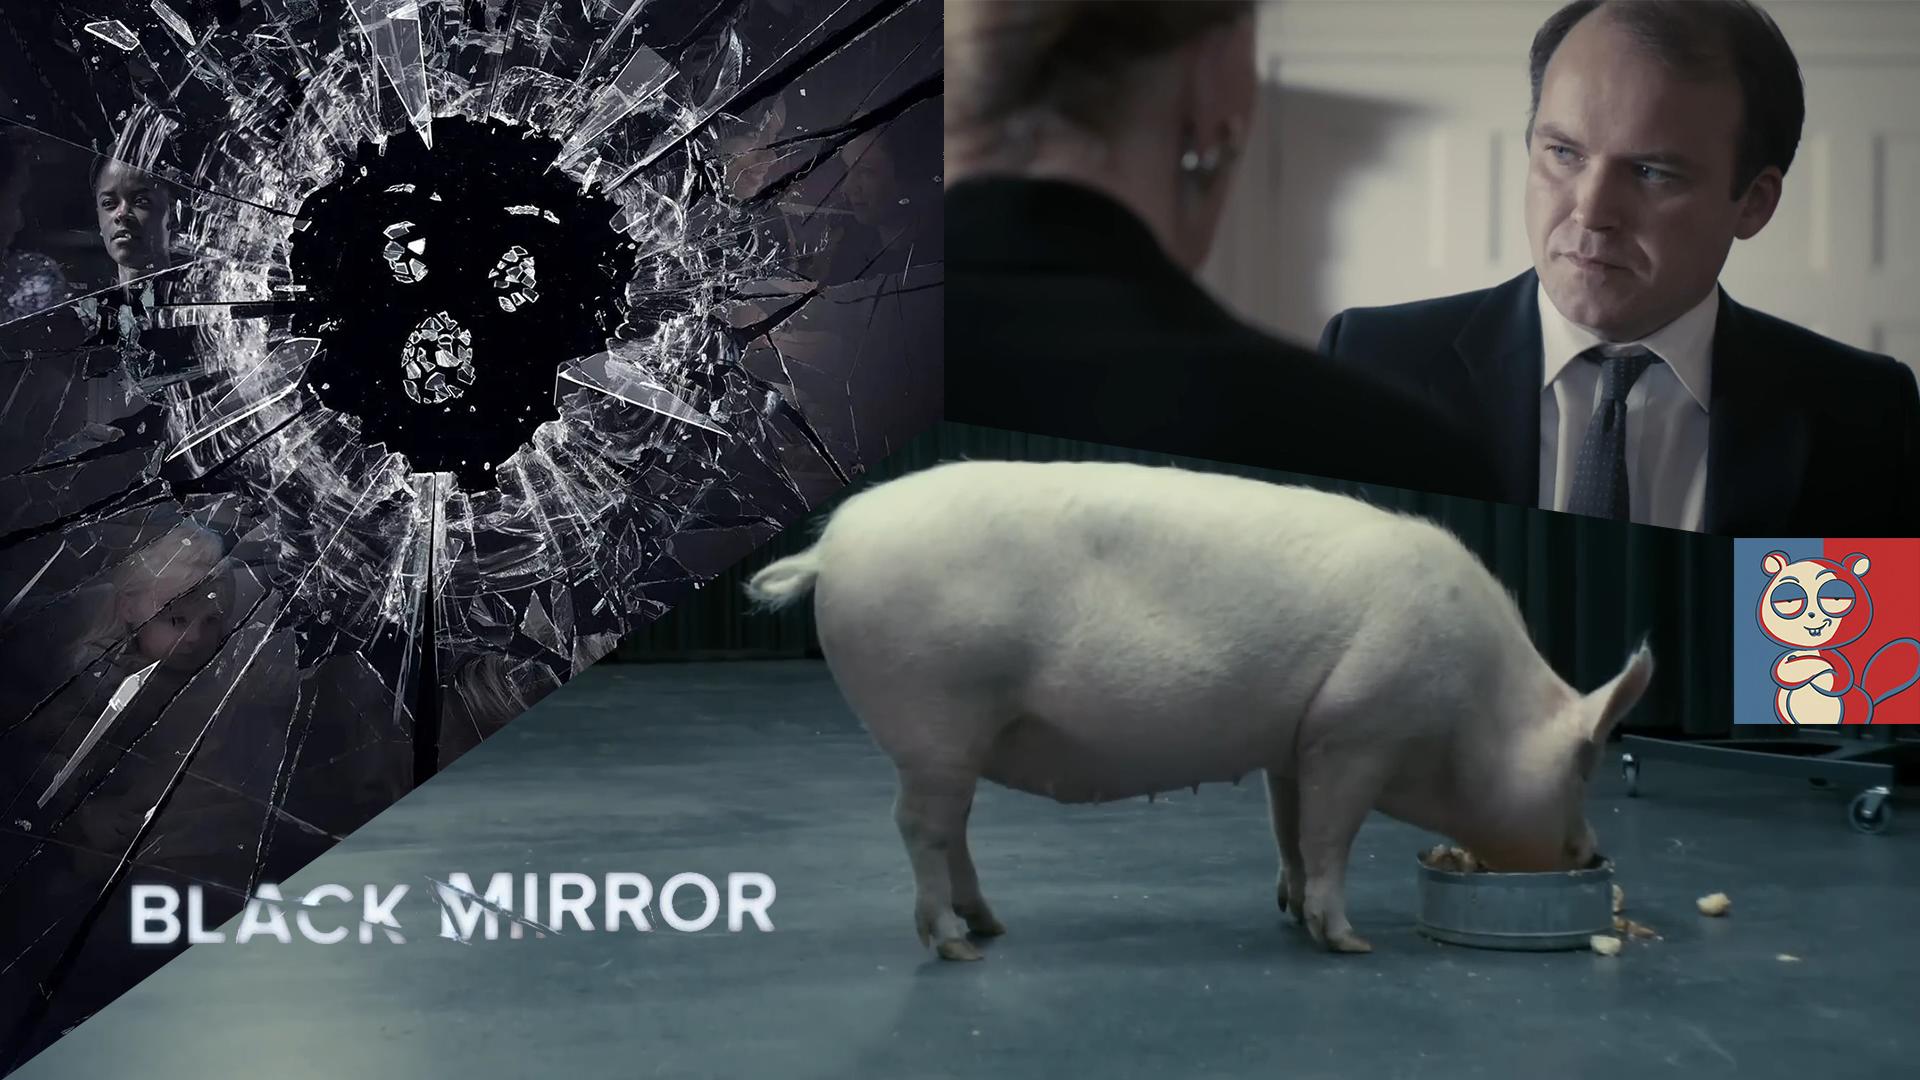 多大的牺牲才是底线?首相为救人与猪直播,《黑镜》之共同意志